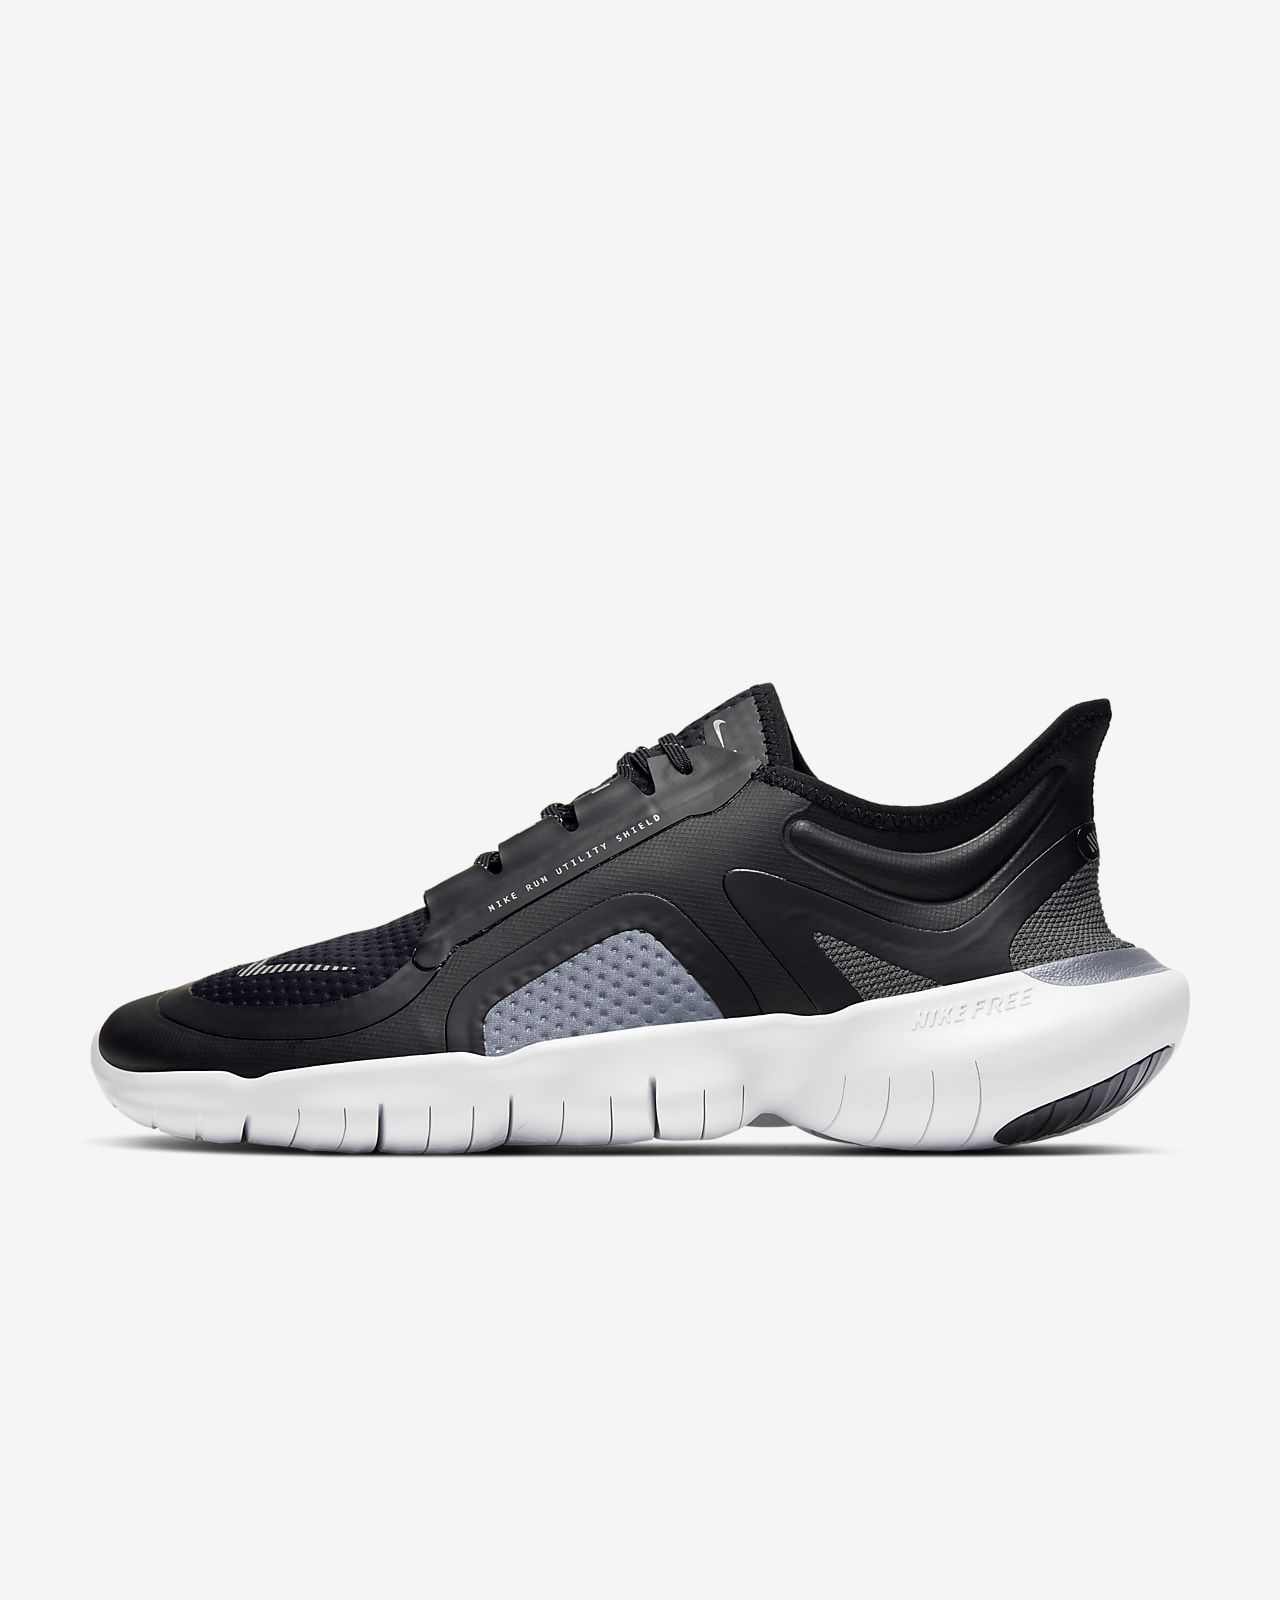 Sapatilhas de running Nike Free RN 5.0 Shield para homem